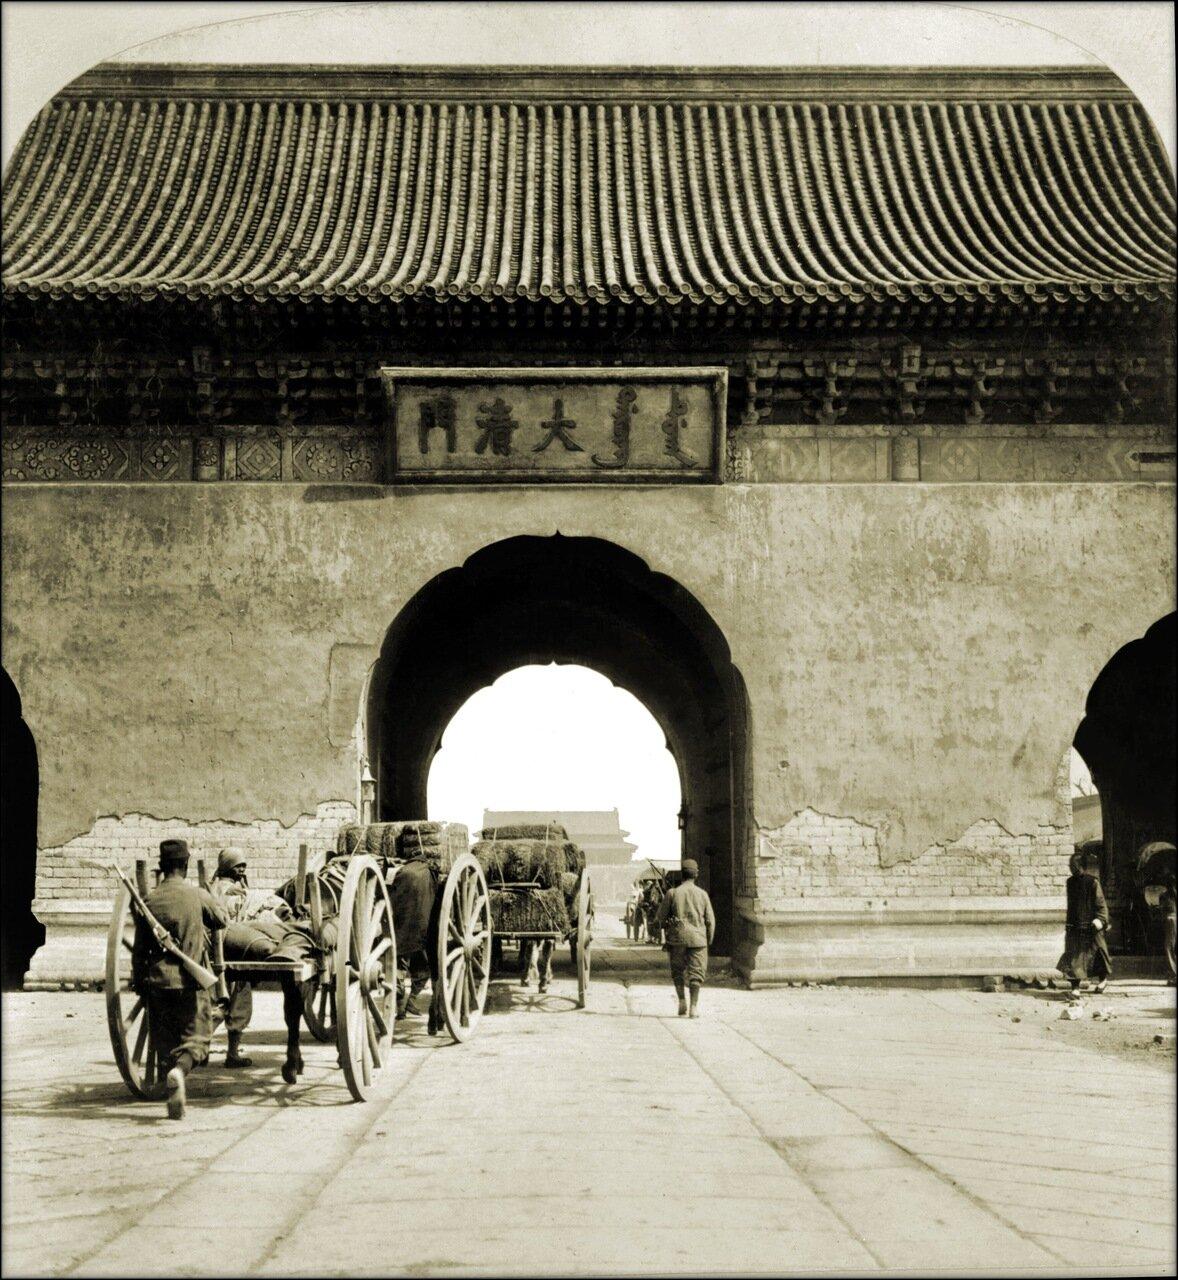 1901. Врата Китая в Императорском дворце в Пекине.